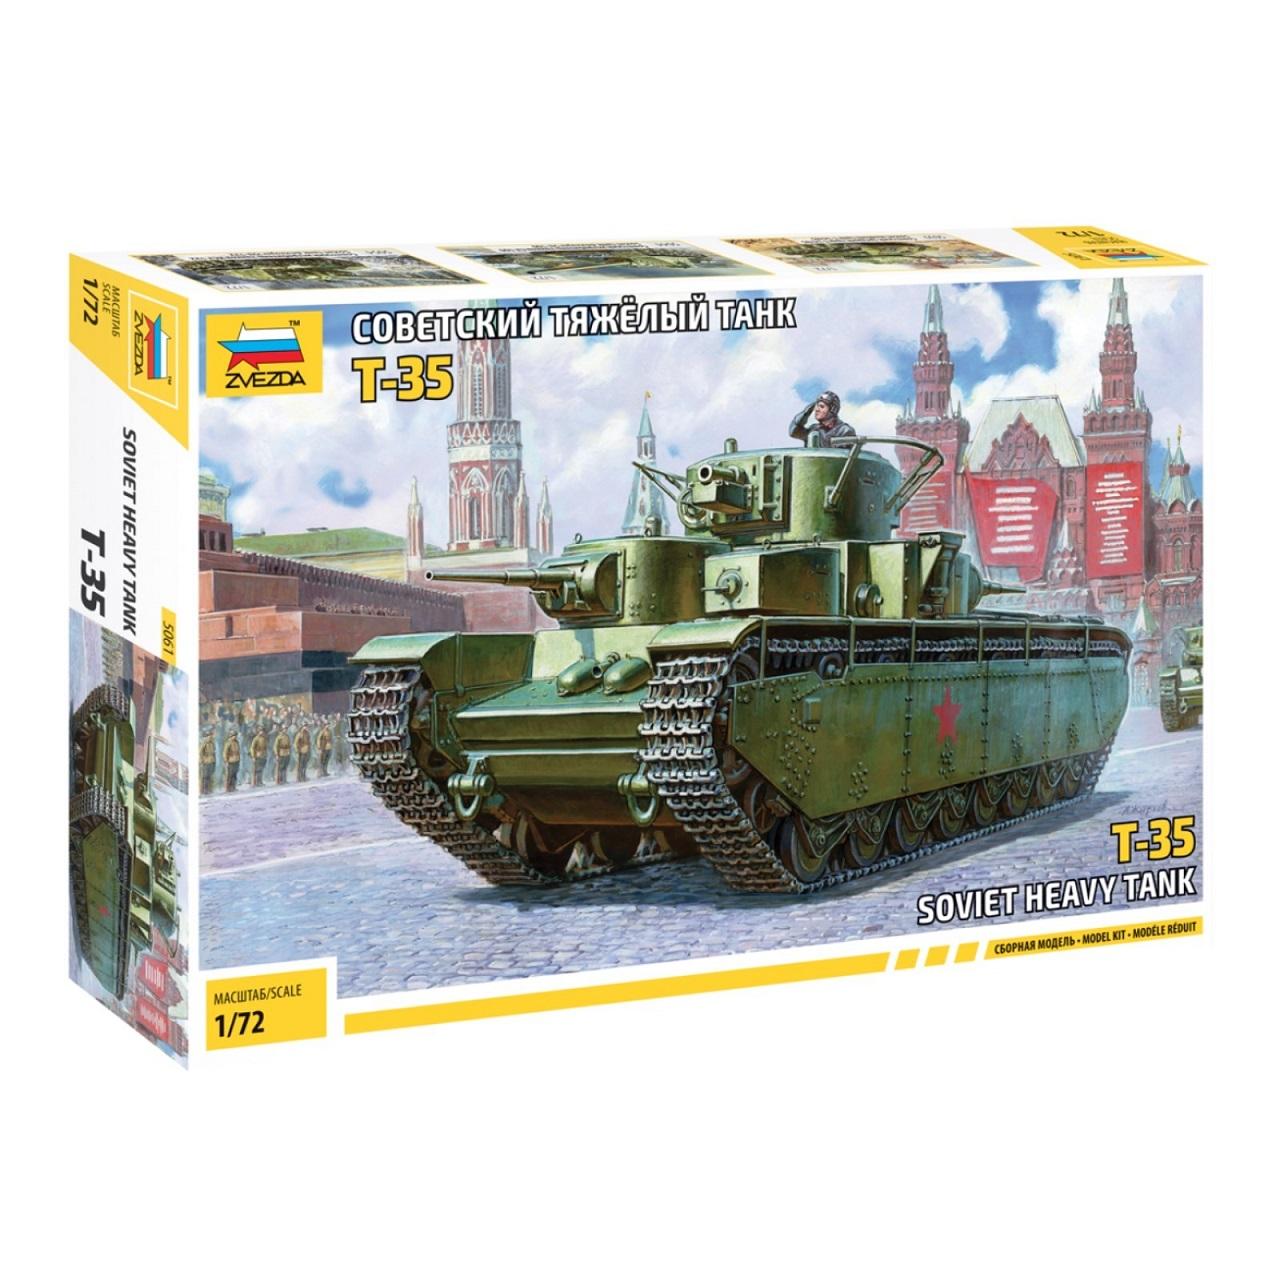 Купить Модель сборная - Советский танк Т-35, ZVEZDA